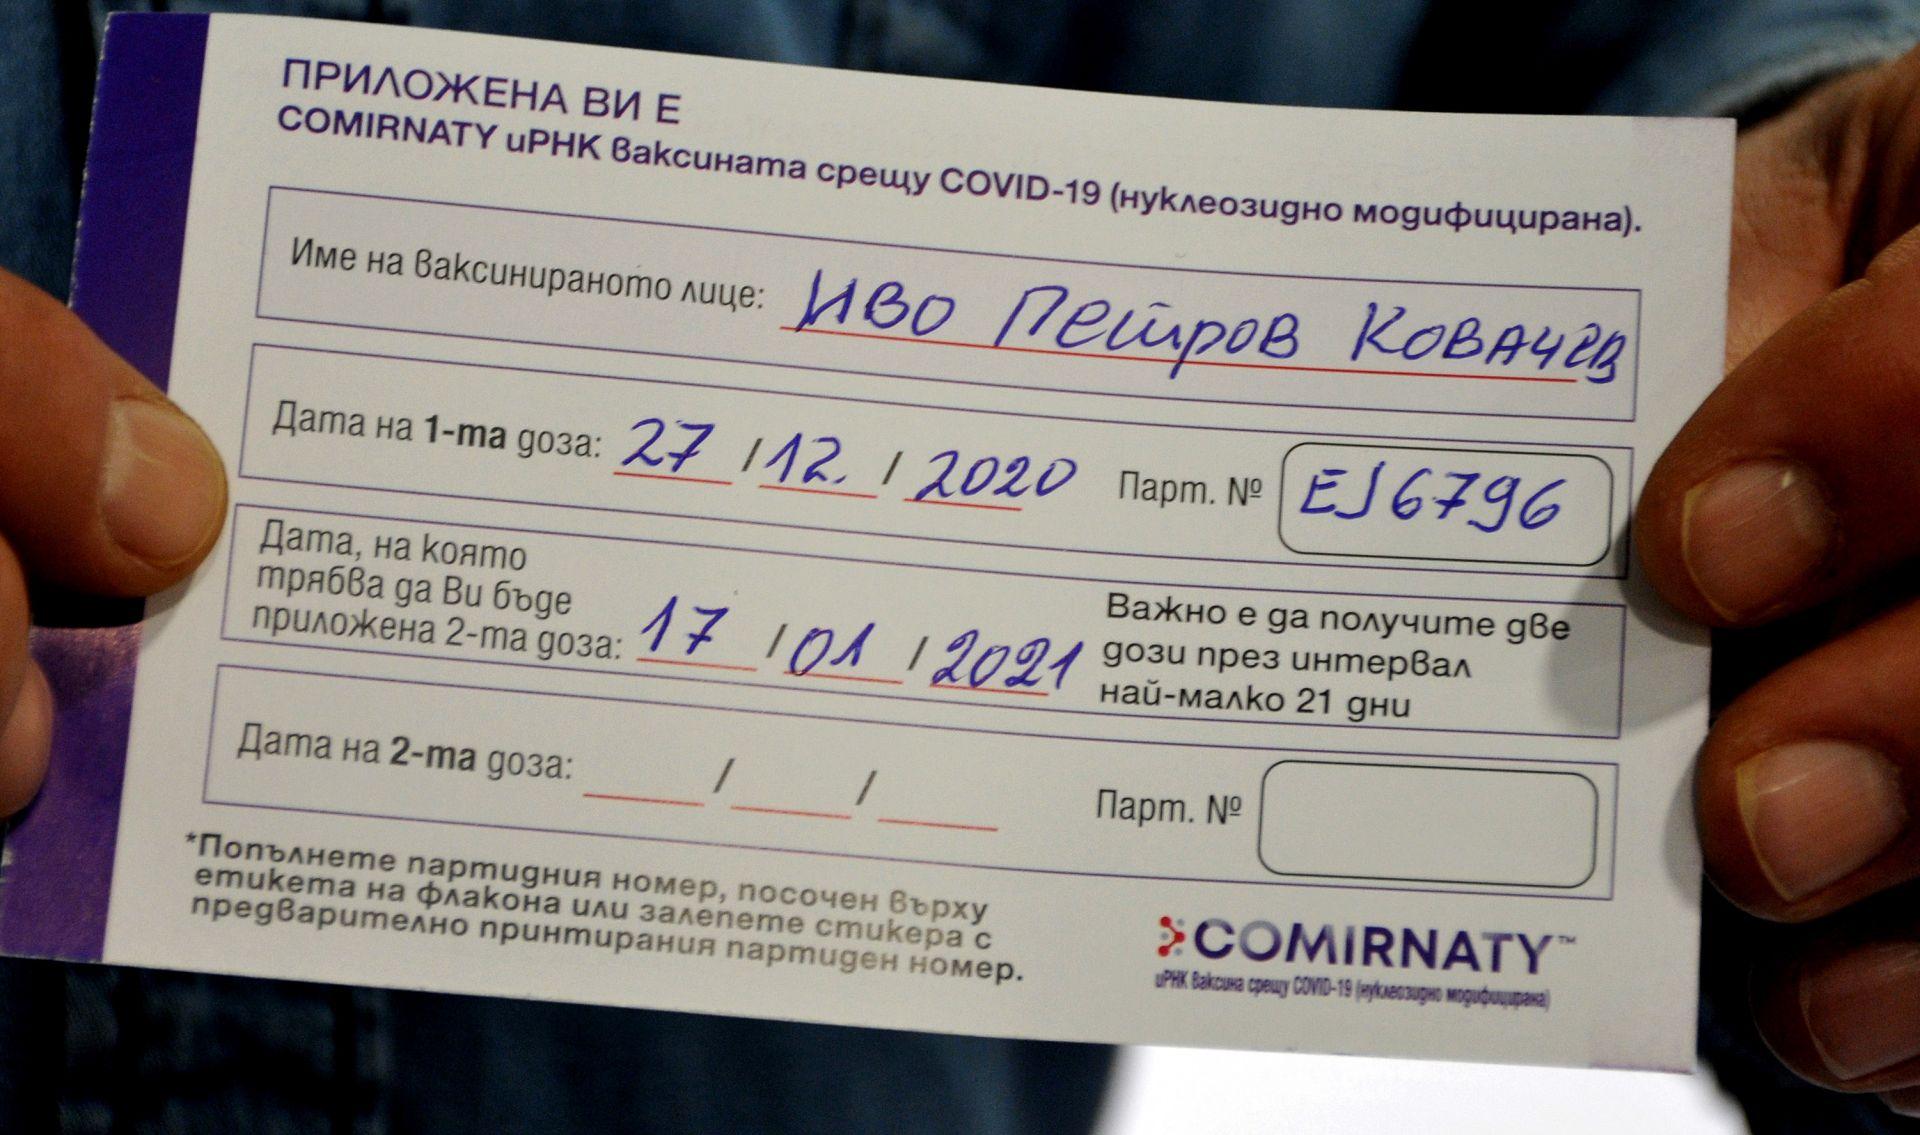 Здравният картон на проф. Костадин Ангелов, който съдържа партиден номер на ваксината и дата за втората ваксина